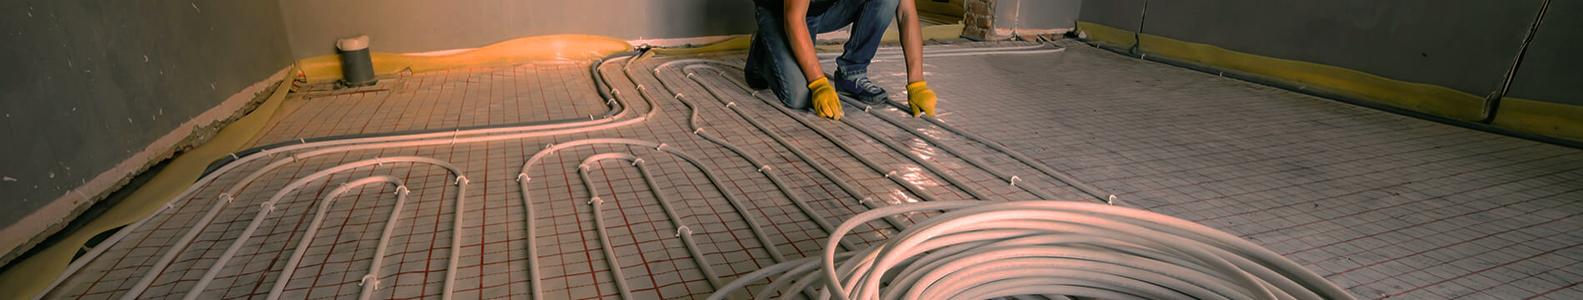 Grindinis šildymas   Grindinio šildymo įrengimas  Elektra arba vandeniu šildomų grindų montavimas